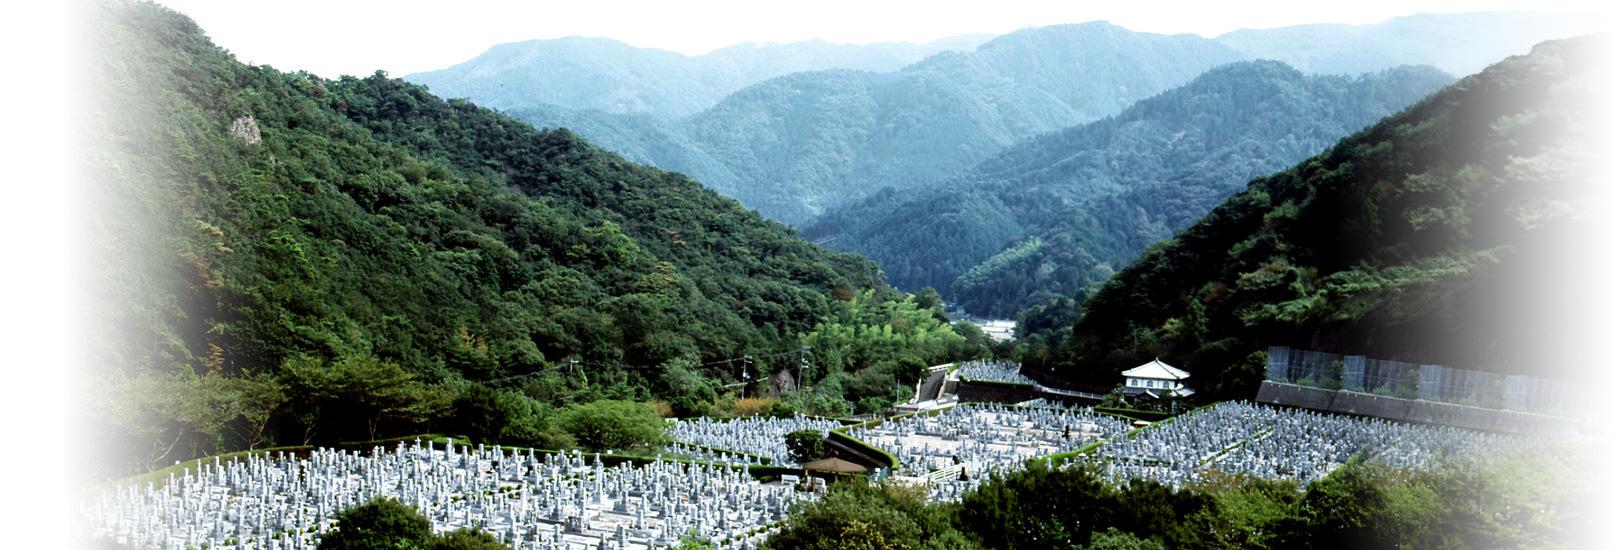 緑に抱かれた安らぎの聖地 宗教法人 長慶寺別院 奥水間霊園